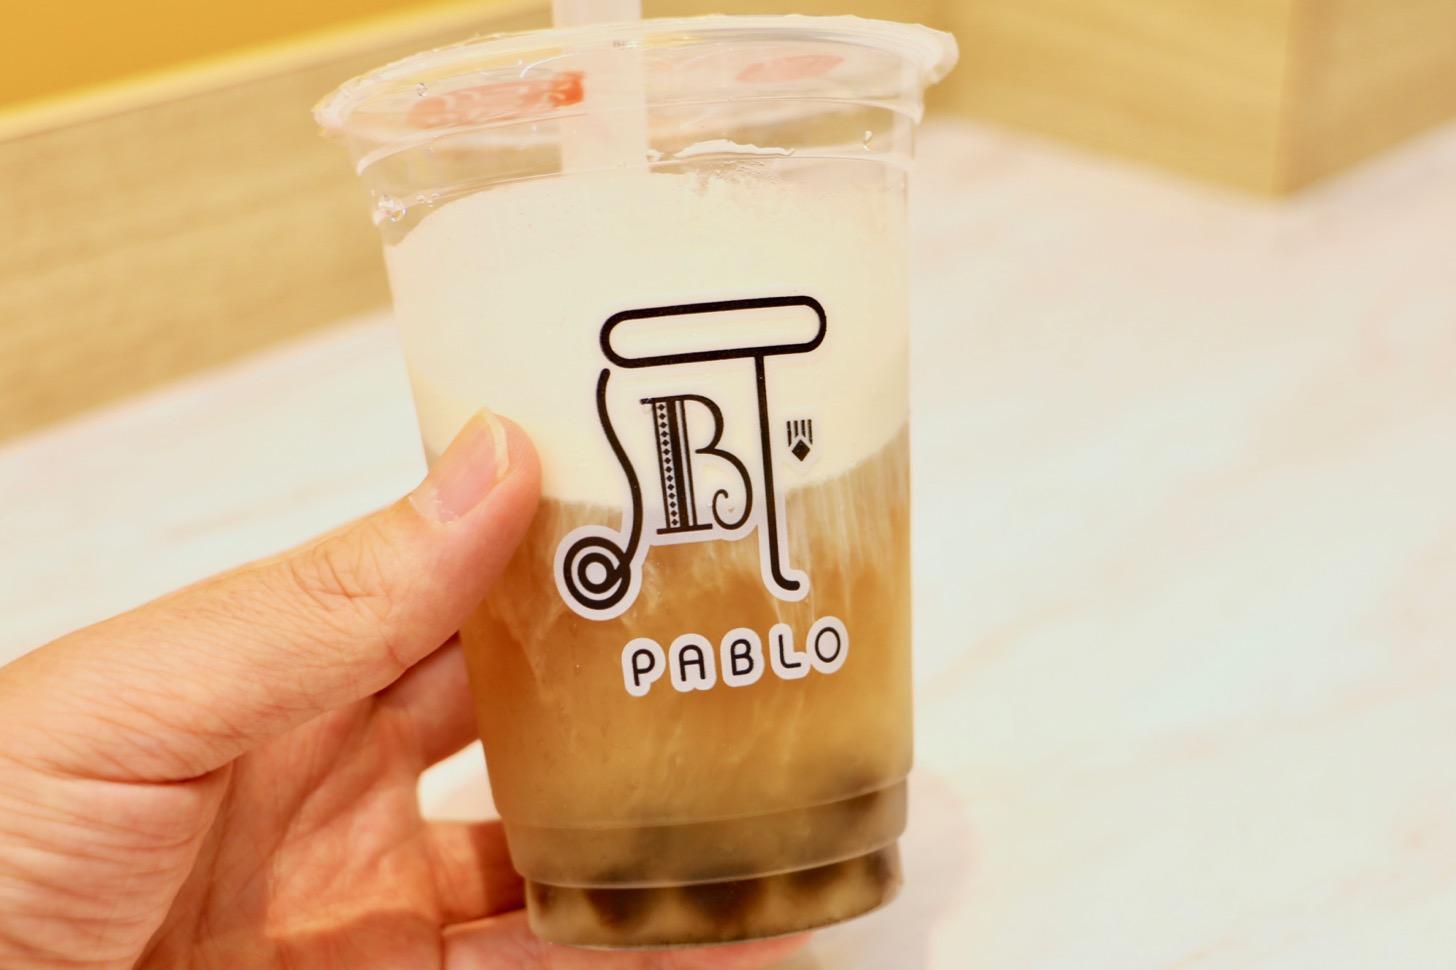 PABLO mini(パブロミニ)パブロ タピオカチーズティー(鉄観音茶)